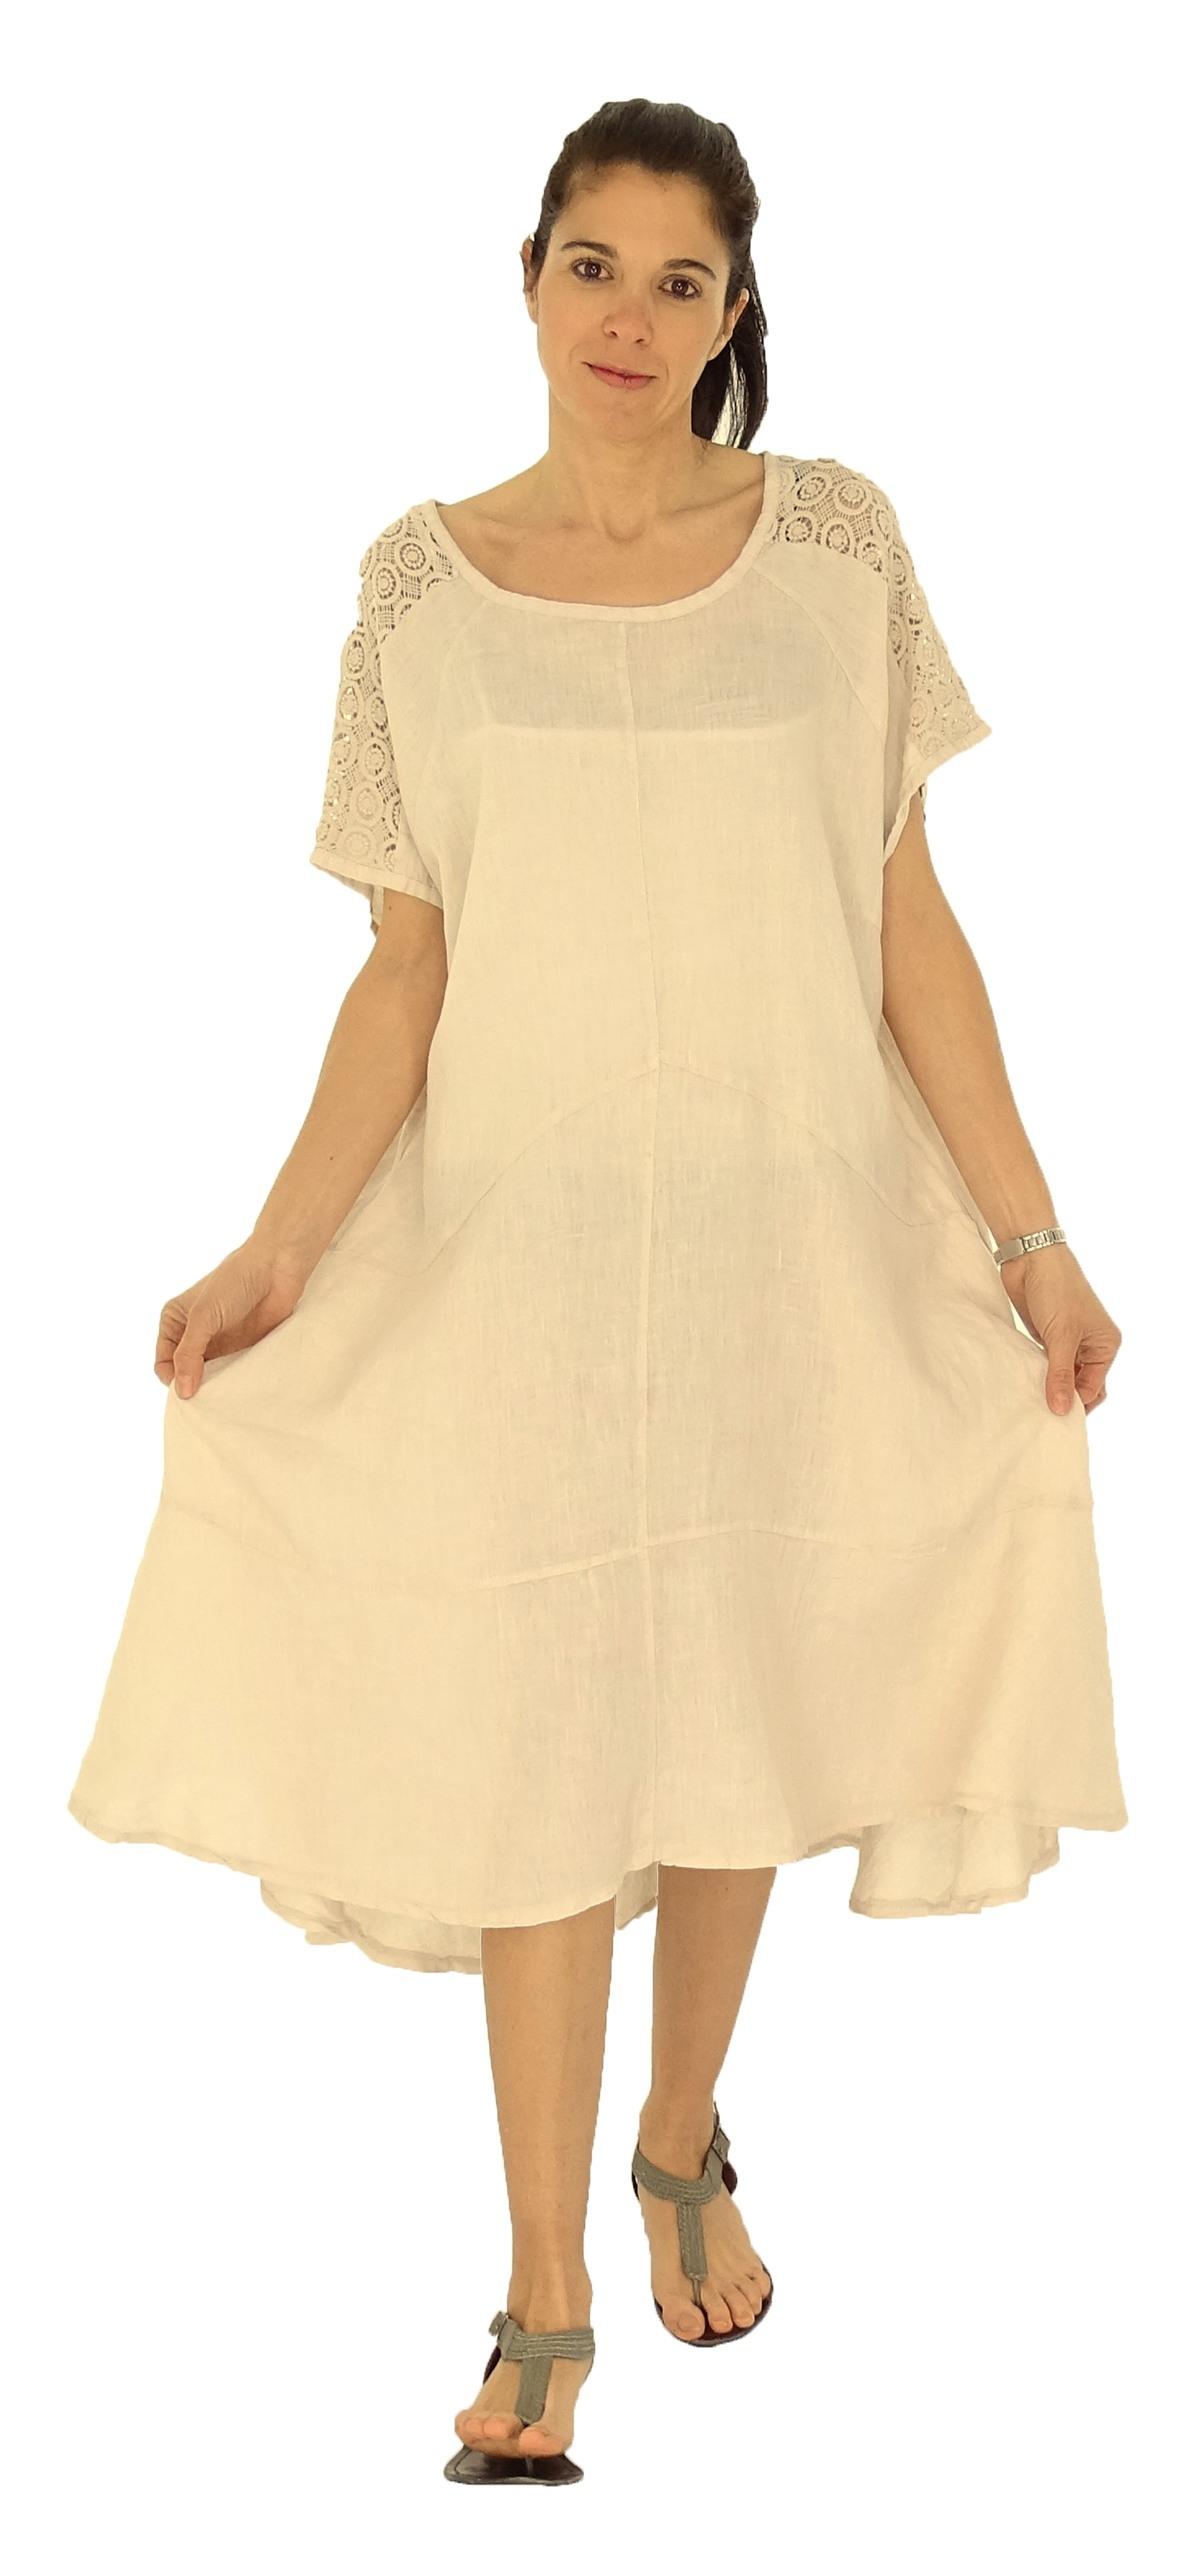 Designer Großartig Kleid A Linie Gr 48 Bester Preis10 Schön Kleid A Linie Gr 48 Boutique